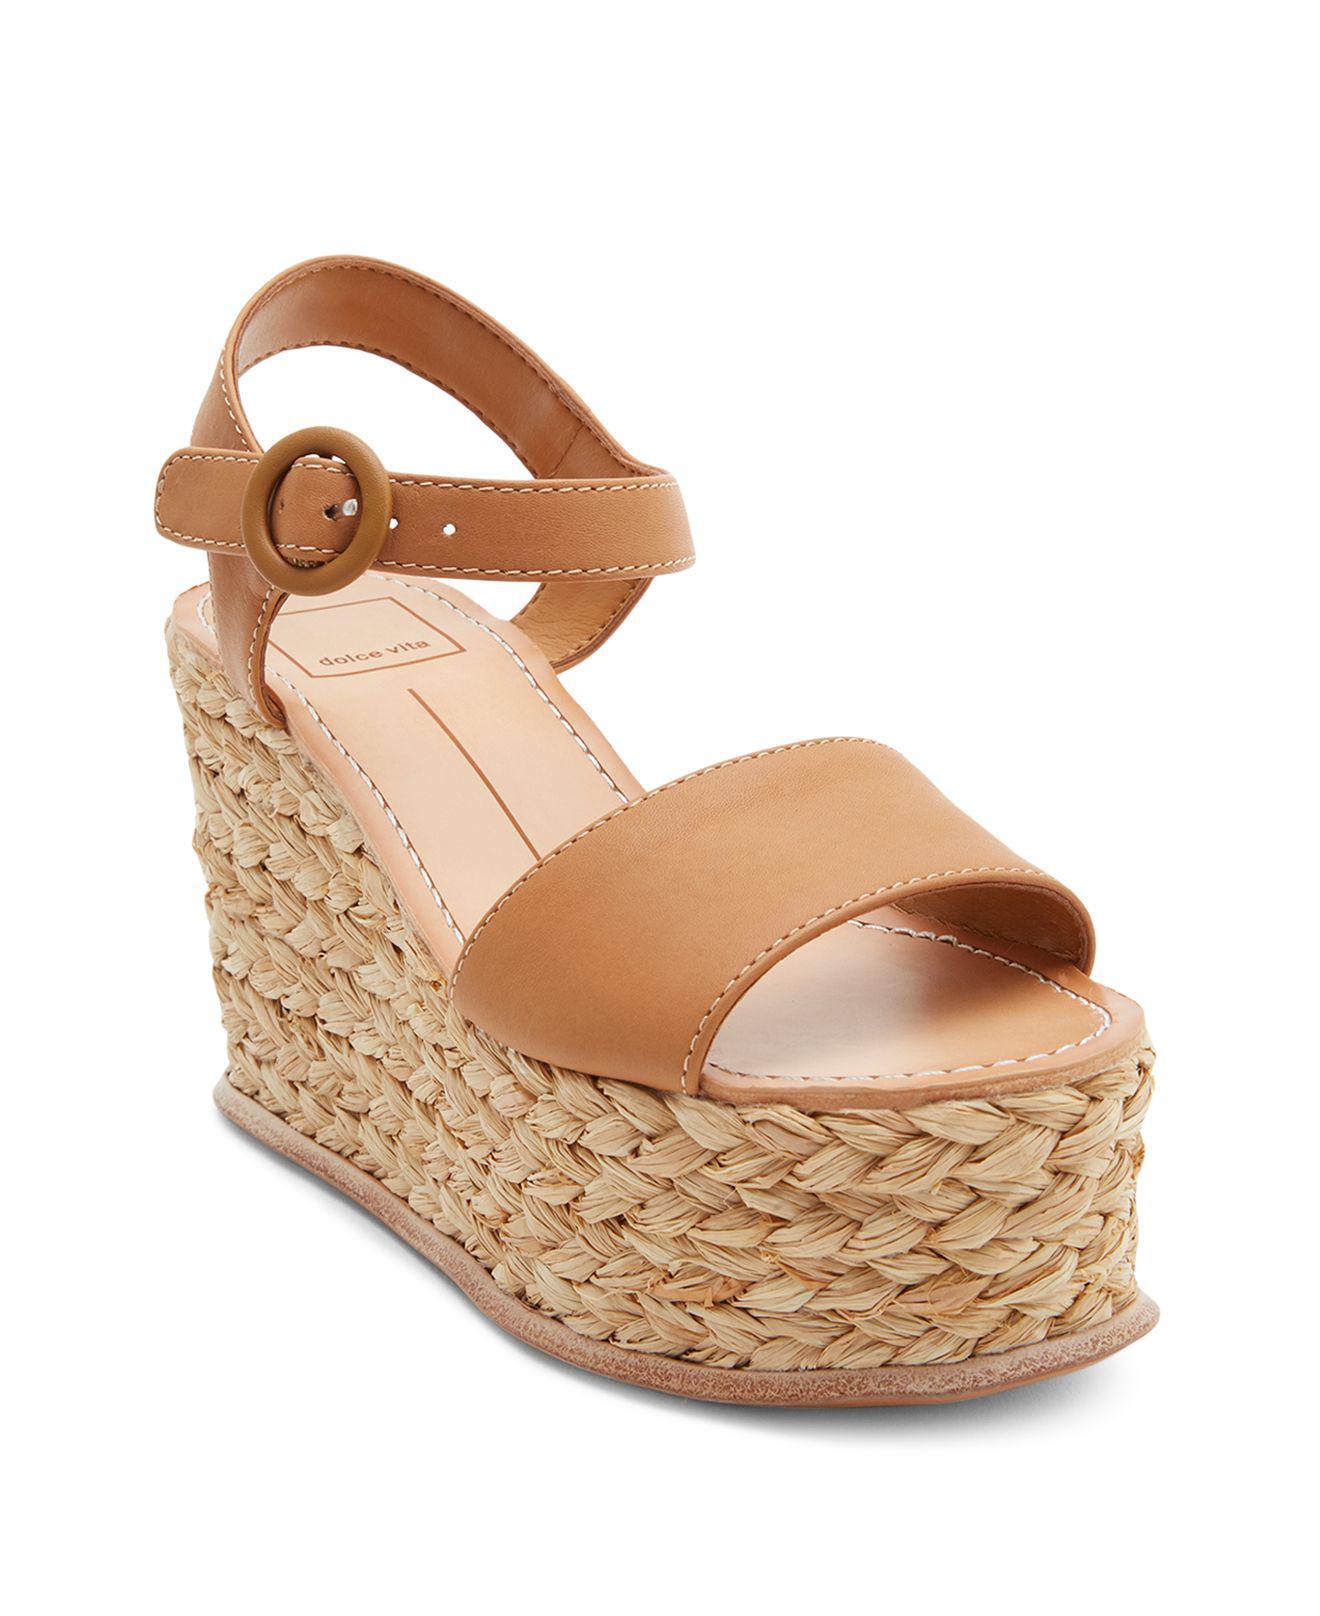 Dolce Vita Women's Dane Espadrille Platform Wedge Sandals BDvuwp5ZIT